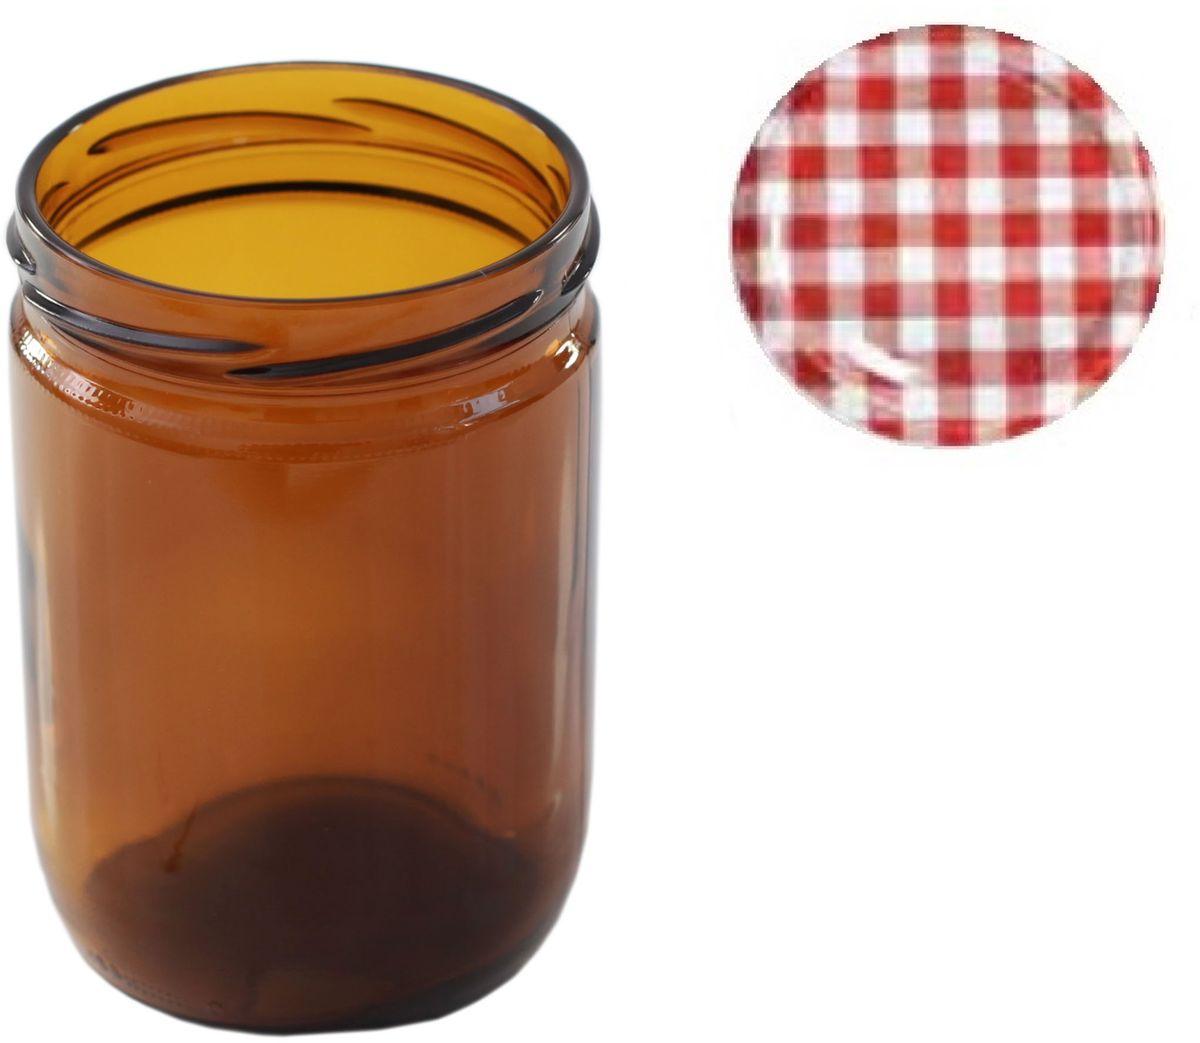 Банка для сыпучих продуктов Einkochwelt, с крышкой, 490 мл227205Банка для сыпучих продуктов Einkochwelt изготовлена из прочного стекла и дополнена металлической крышкой. Такая модель станет незаменимым помощником на любой кухне. В ней будет удобно хранить сыпучие продукты, такие, как чай, кофе, соль, сахар, крупы, макароны и многое другое. Емкость плотно закрывается крышкой, благодаря которой дольше сохраняя аромат и свежесть содержимого. Оригинальная форма и цвет банки позволит ей стать не только полезным изделием, но и украшением интерьера вашей кухни.Объем банки: 490 мл.